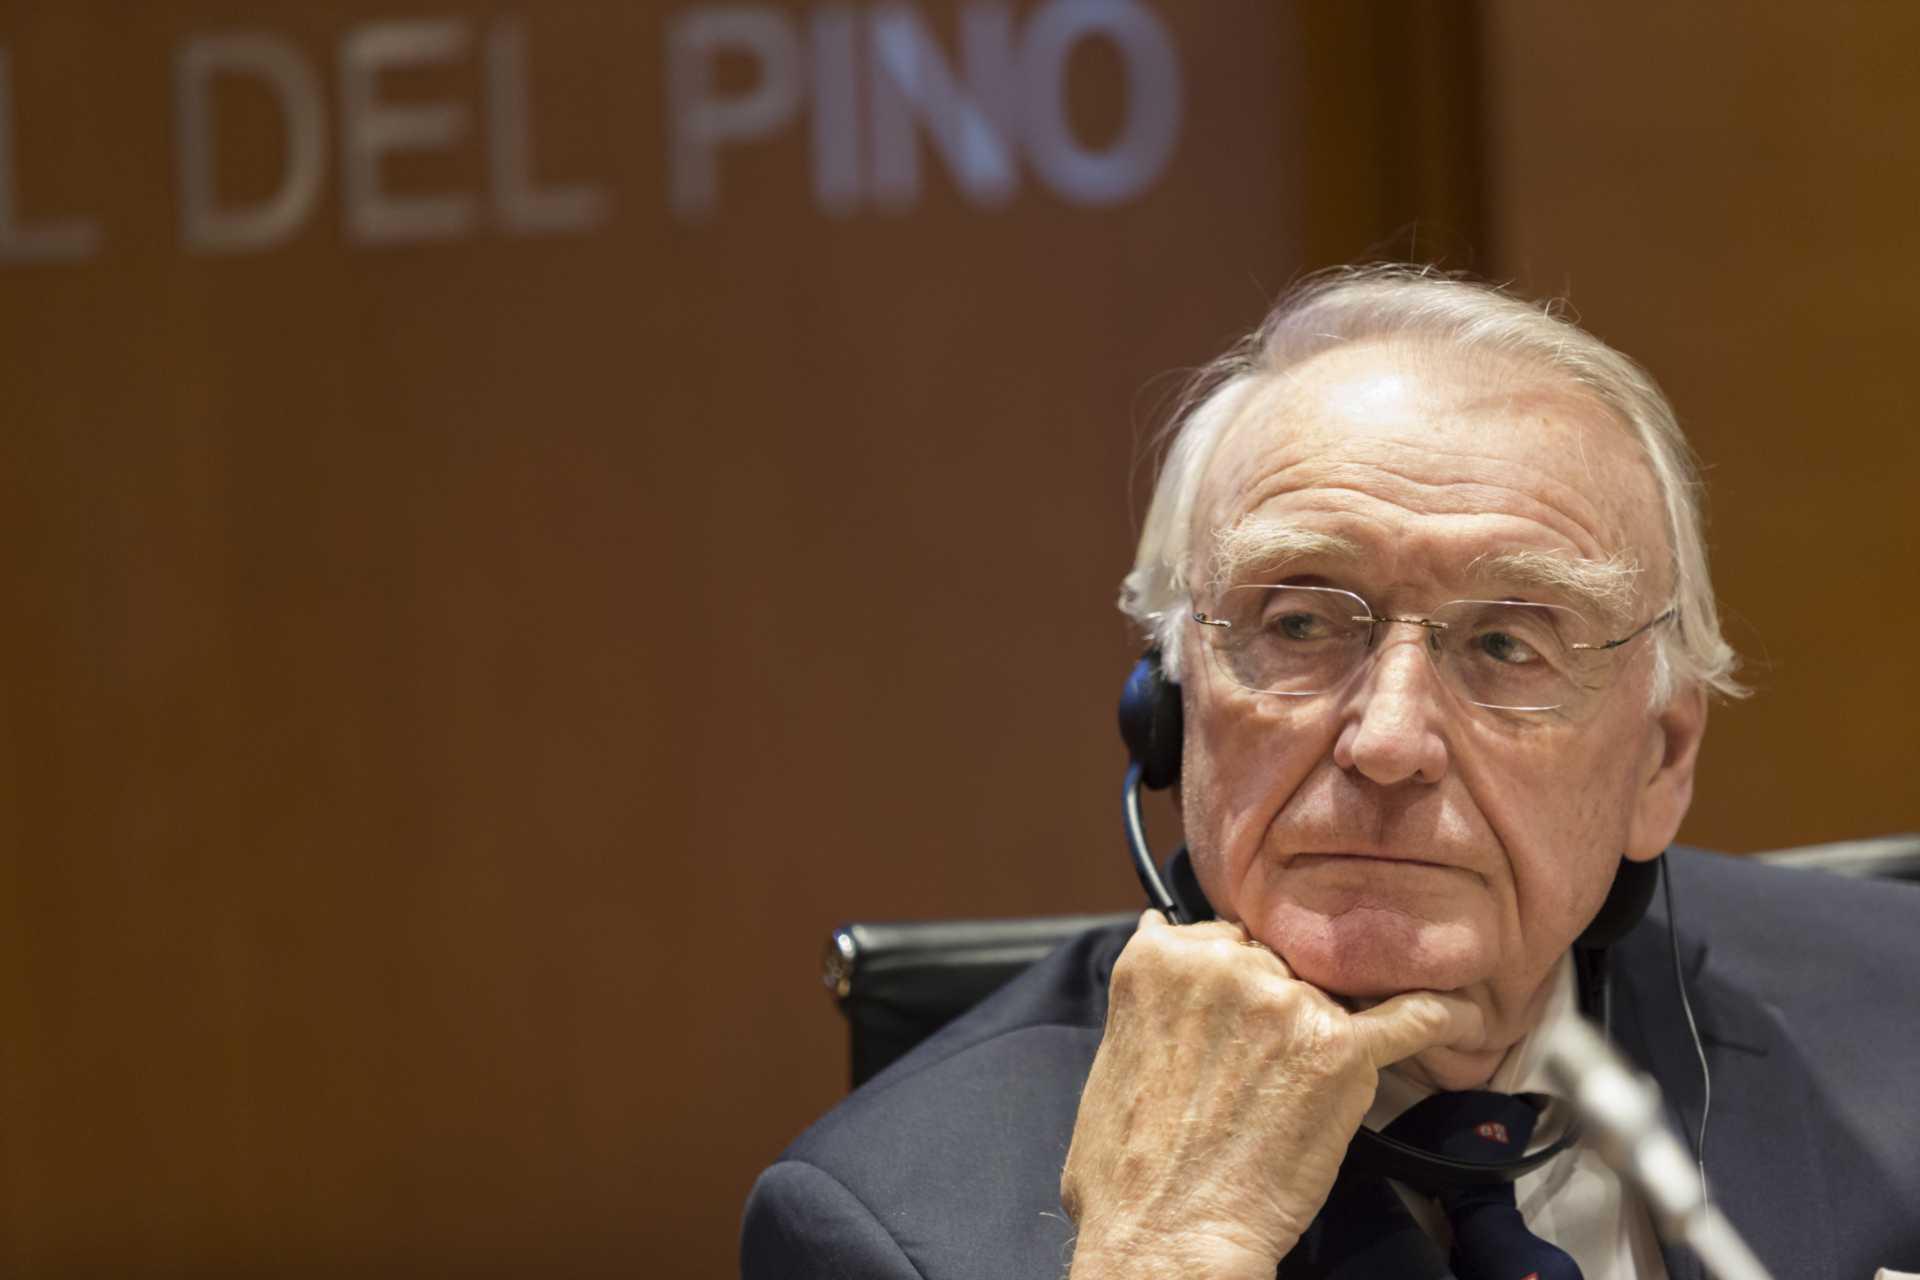 """La Fundación Rafael del Pino organiza la Conferencia Magistral de Karl Kaiser """"Un nuevo desorden mundial: implicaciones para Europa y los Estados Unidos"""". En Madrid el 18 de junio de 2015. DS"""